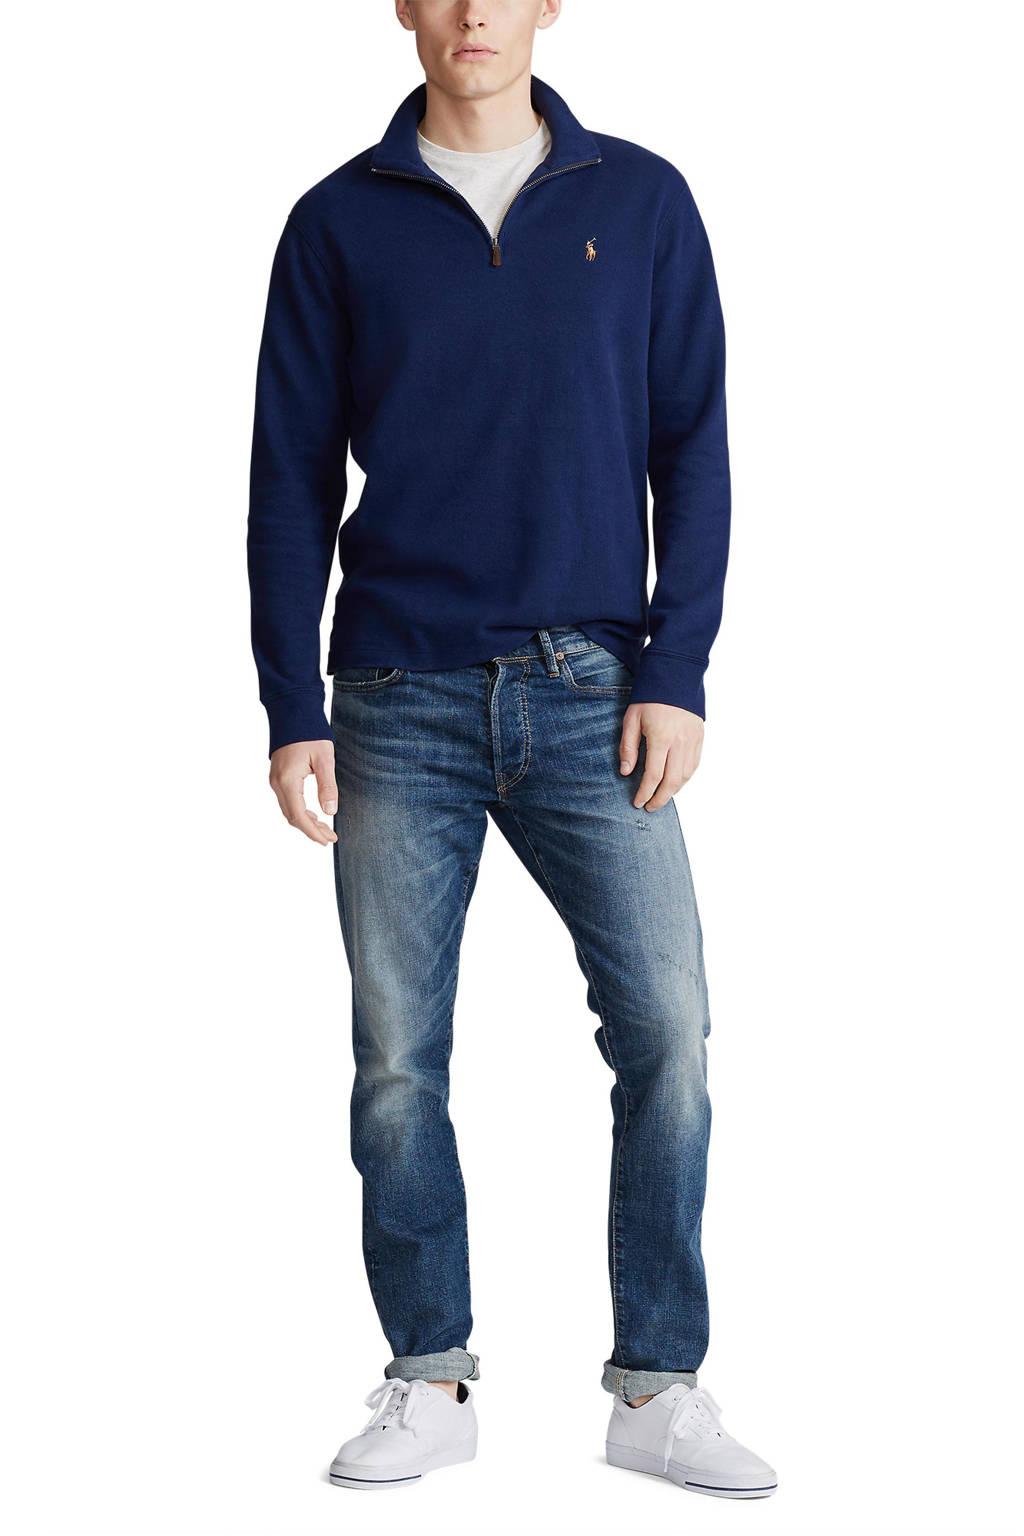 POLO Ralph Lauren trui donkerblauw, Donkerblauw